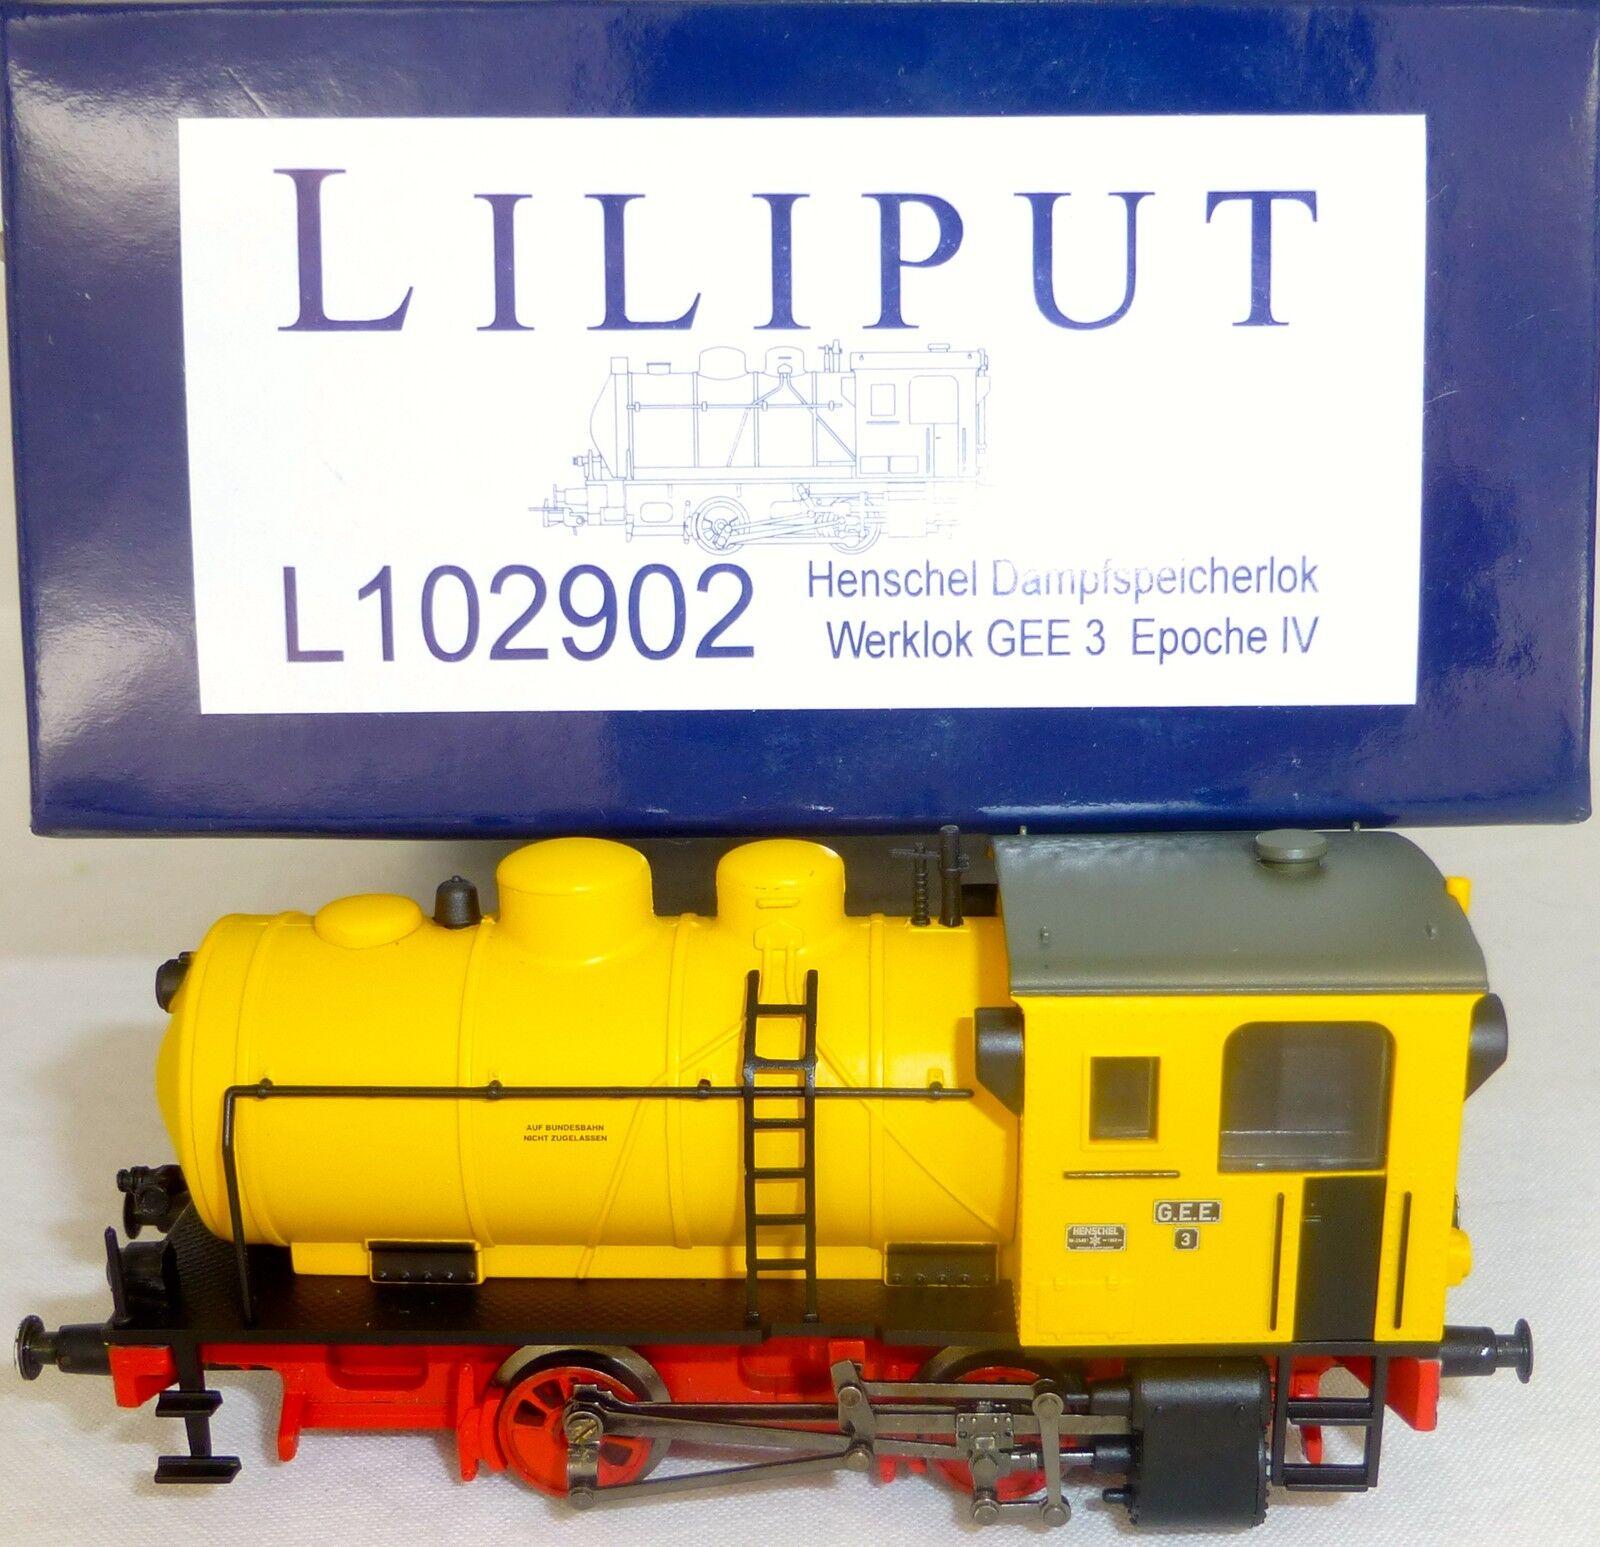 Steam Engine Henschel Works Locomotive Gee3 Ep IV Liliput L102902 H0 1 87 New